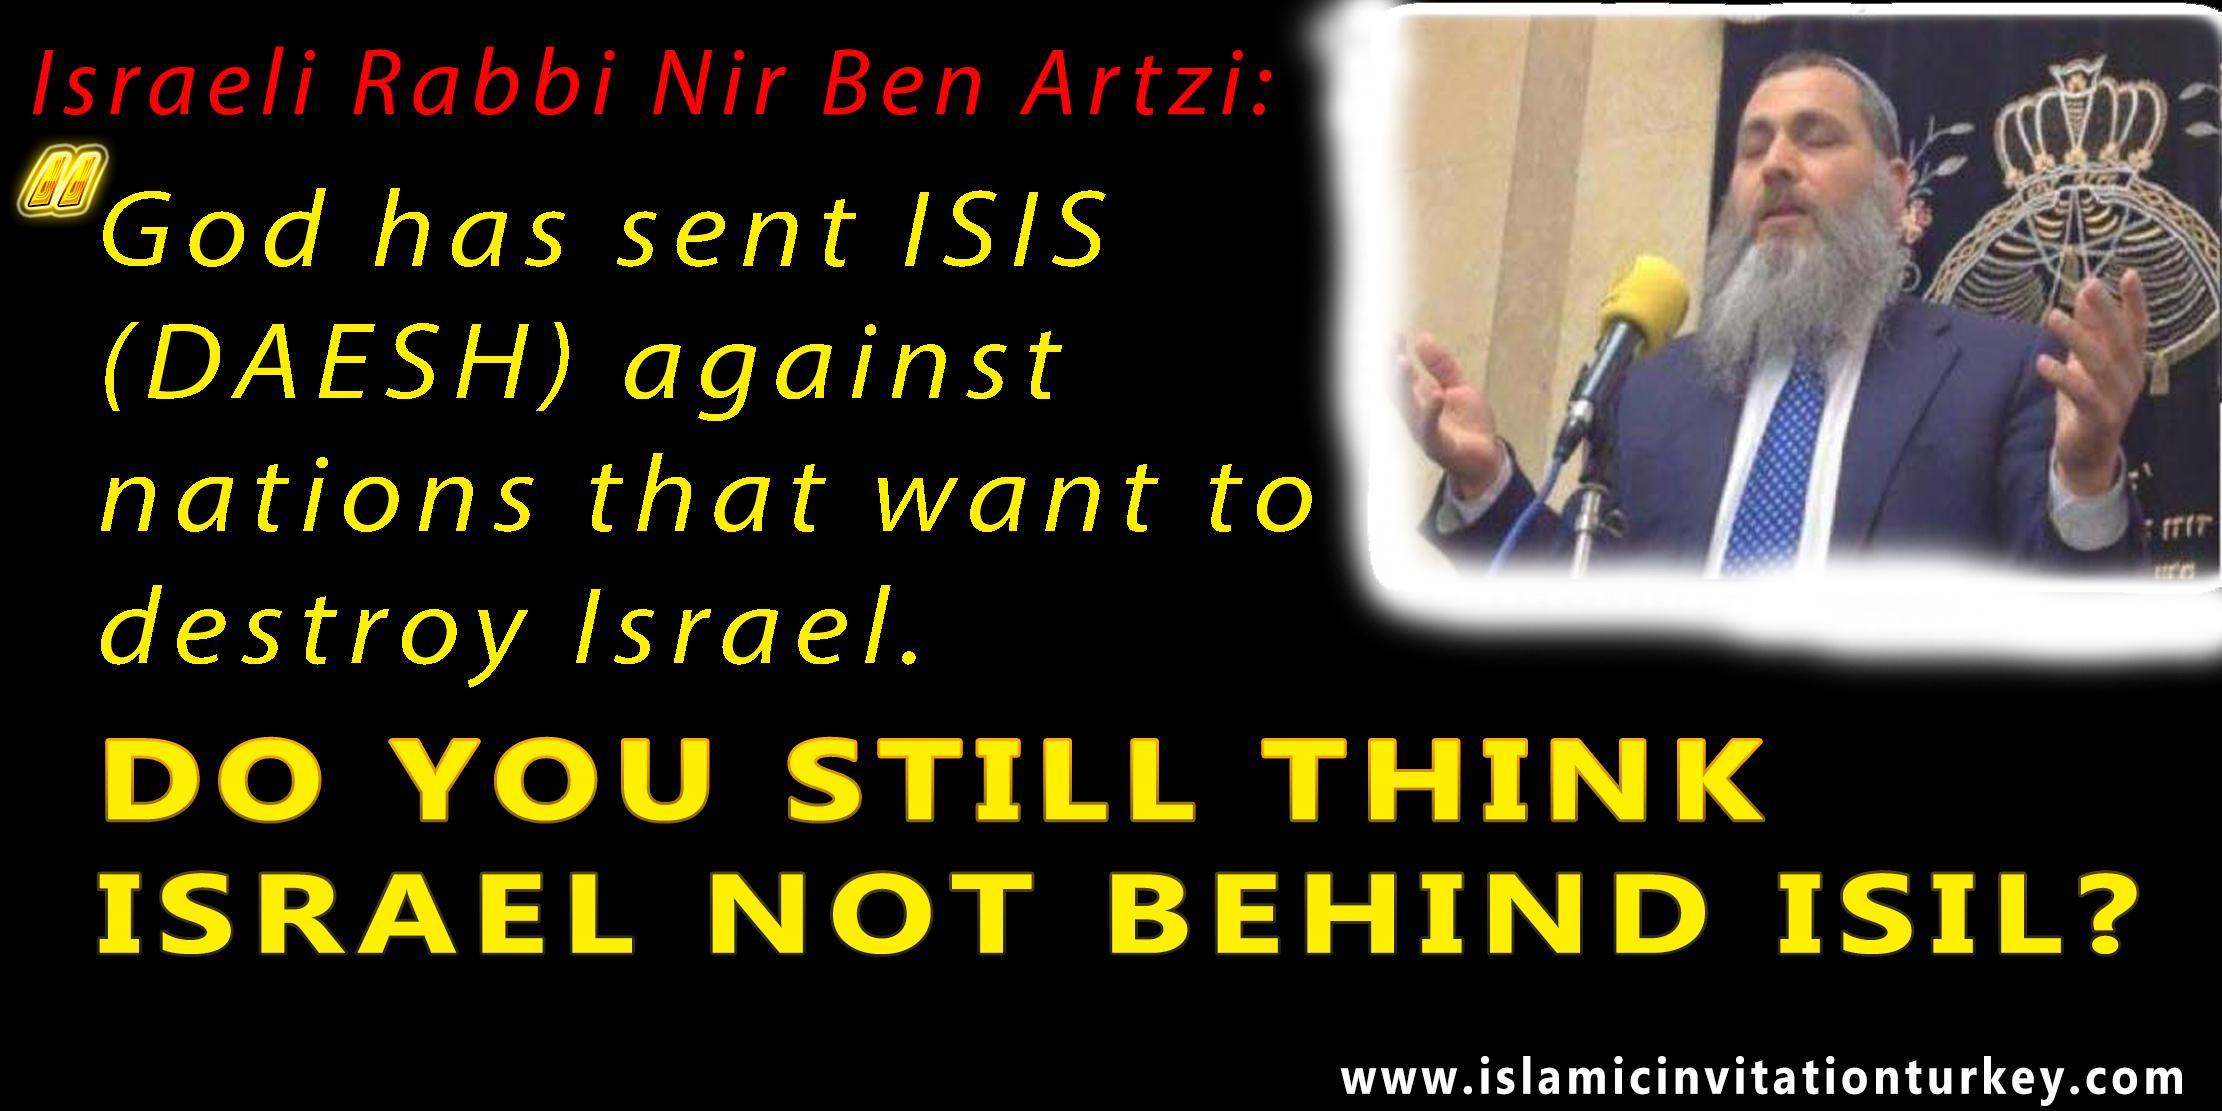 Wer ist ISIS? - Enthauptungen/Verbrennungen, usw.  ISIS